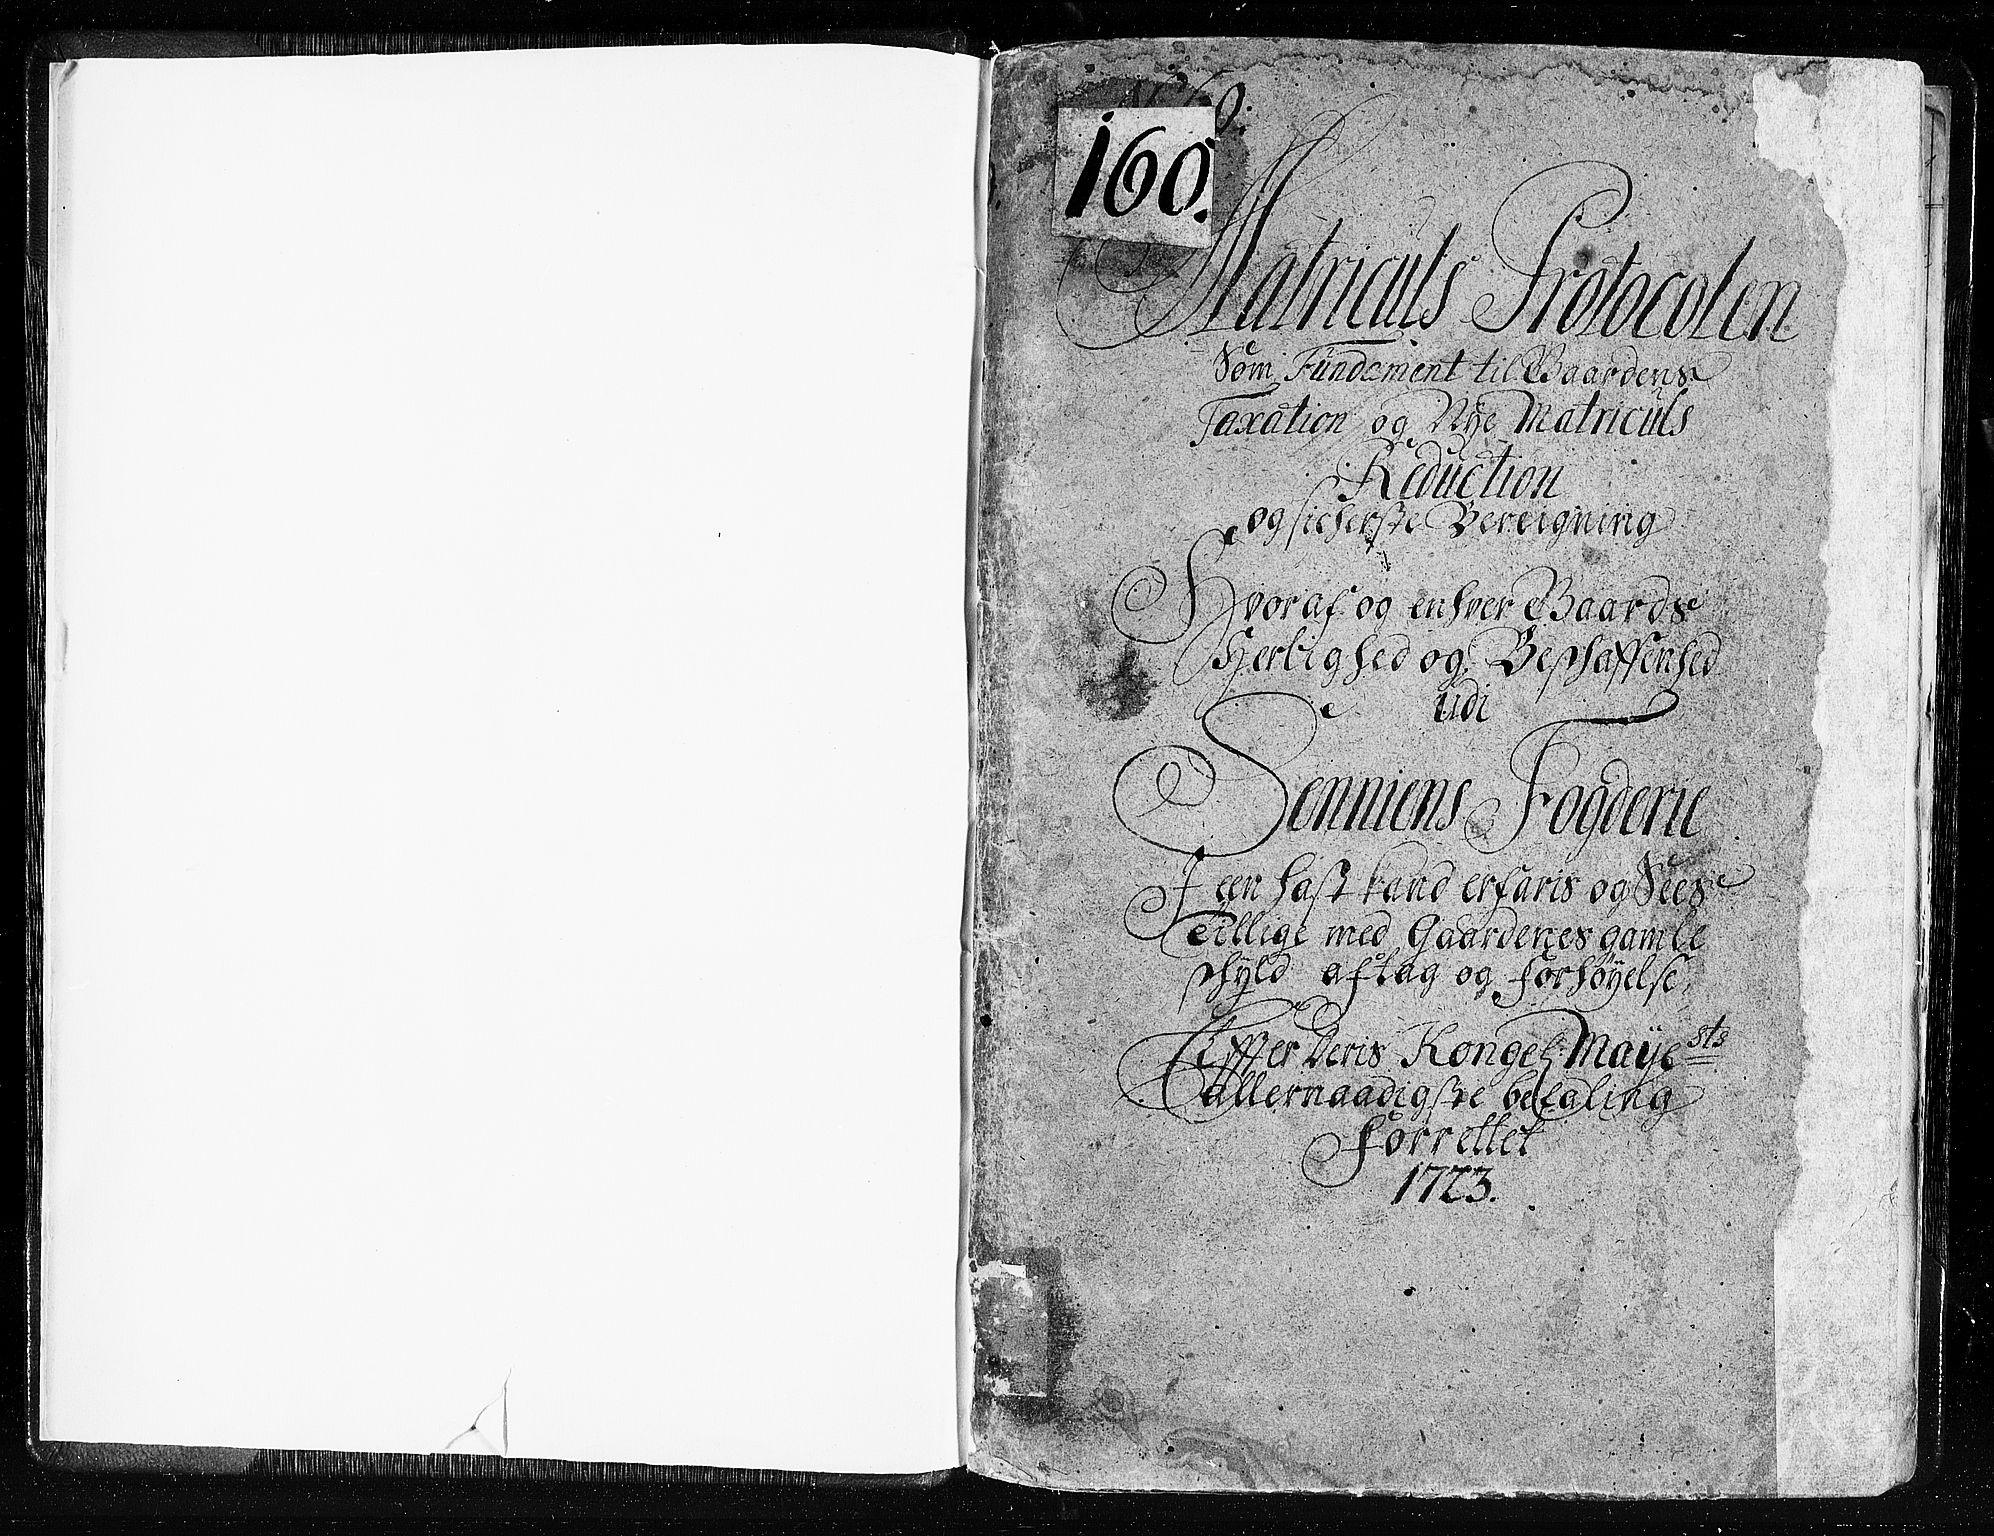 RA, Rentekammeret inntil 1814, Realistisk ordnet avdeling, N/Nb/Nbf/L0178: Senja eksaminasjonsprotokoll, 1723, s. 1a